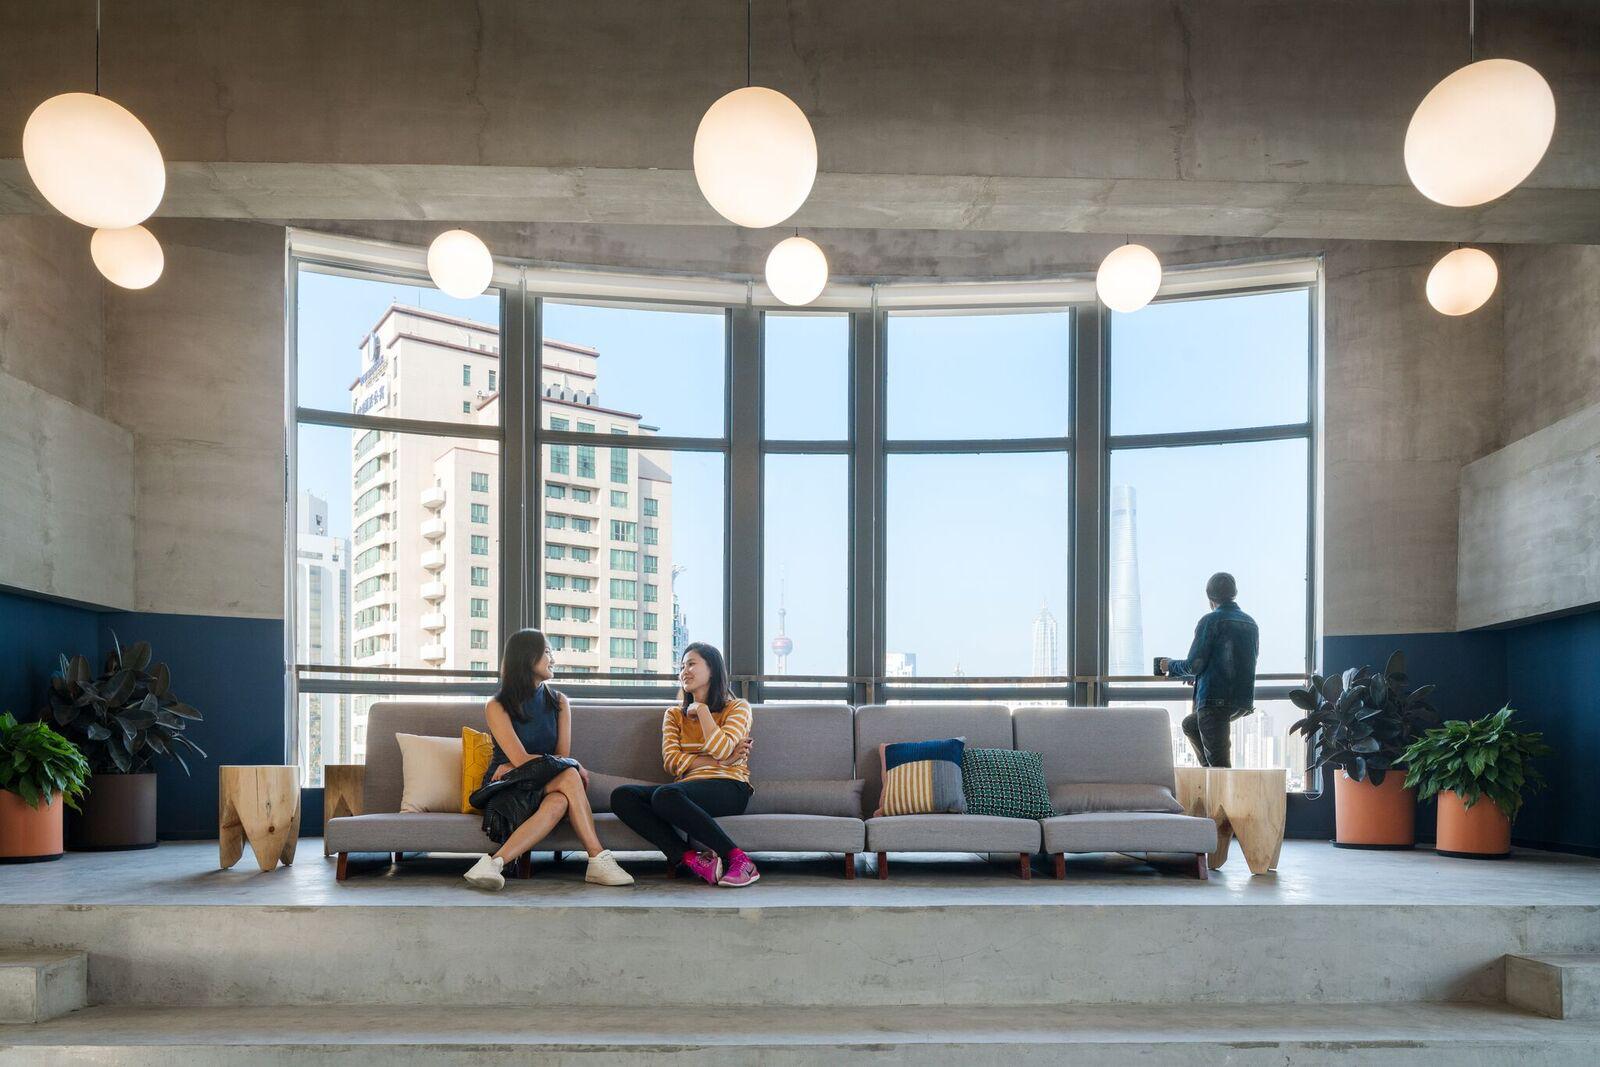 Decyzja o zlokalizowaniu siedziby firmy w biurze co-workingowym bezpośrednio wiąże się z włączeniem charakterystyki pracy w takich miejscach do wewnętrznej kultury organizacji.  (Fot. WeWork)